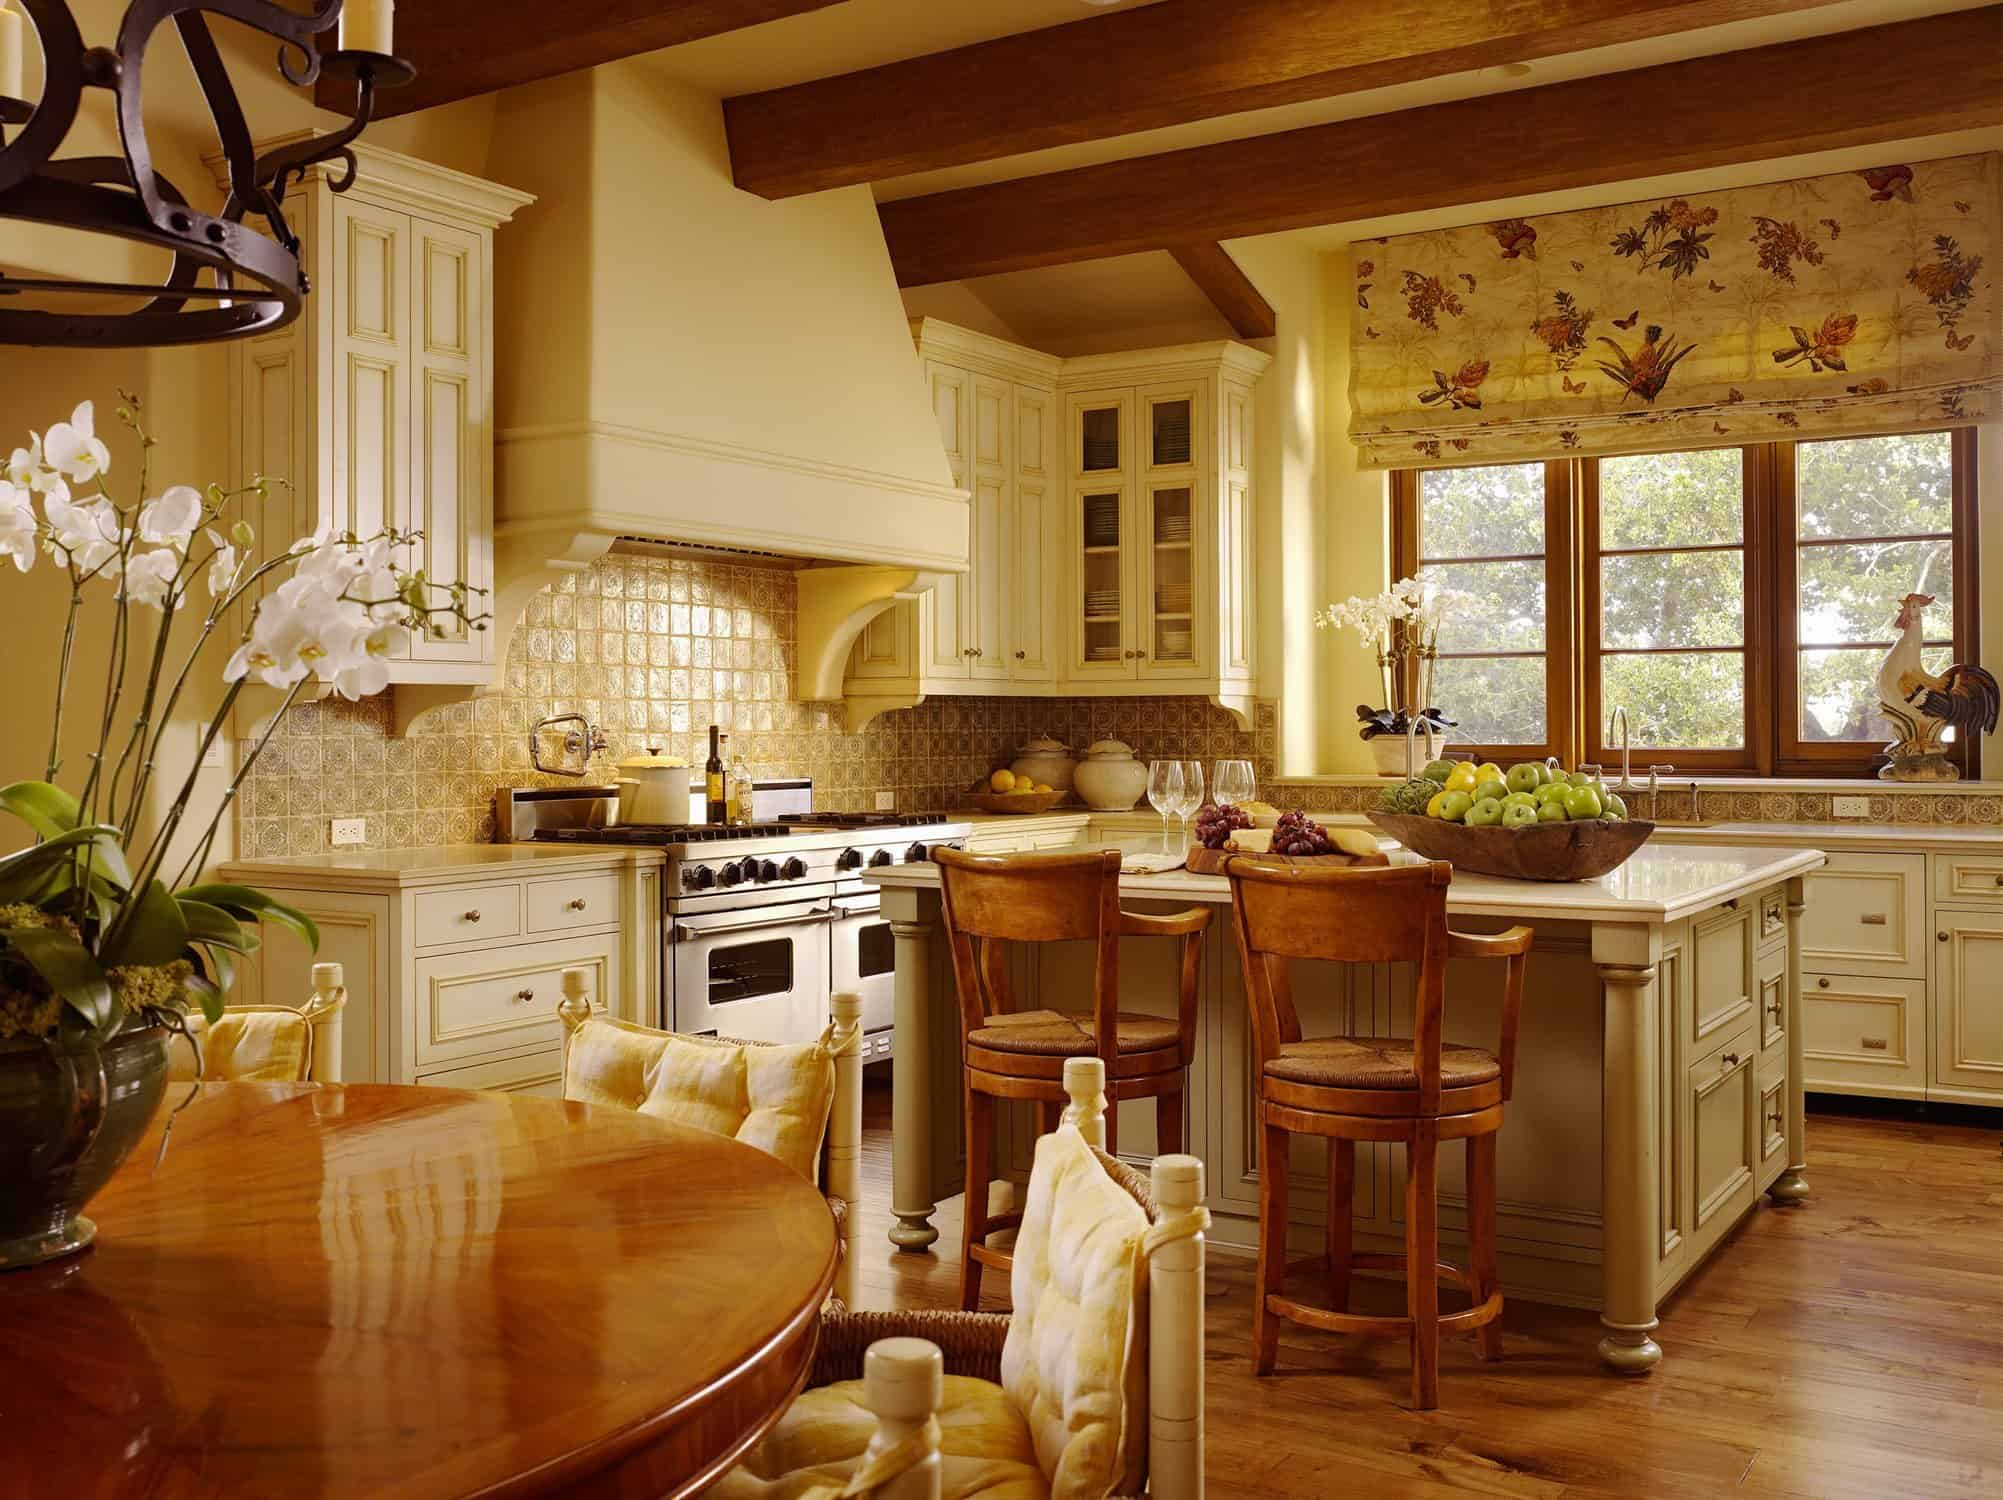 Carmel-Valley-Residence-Tucker-Marks-12-1 Kindesign